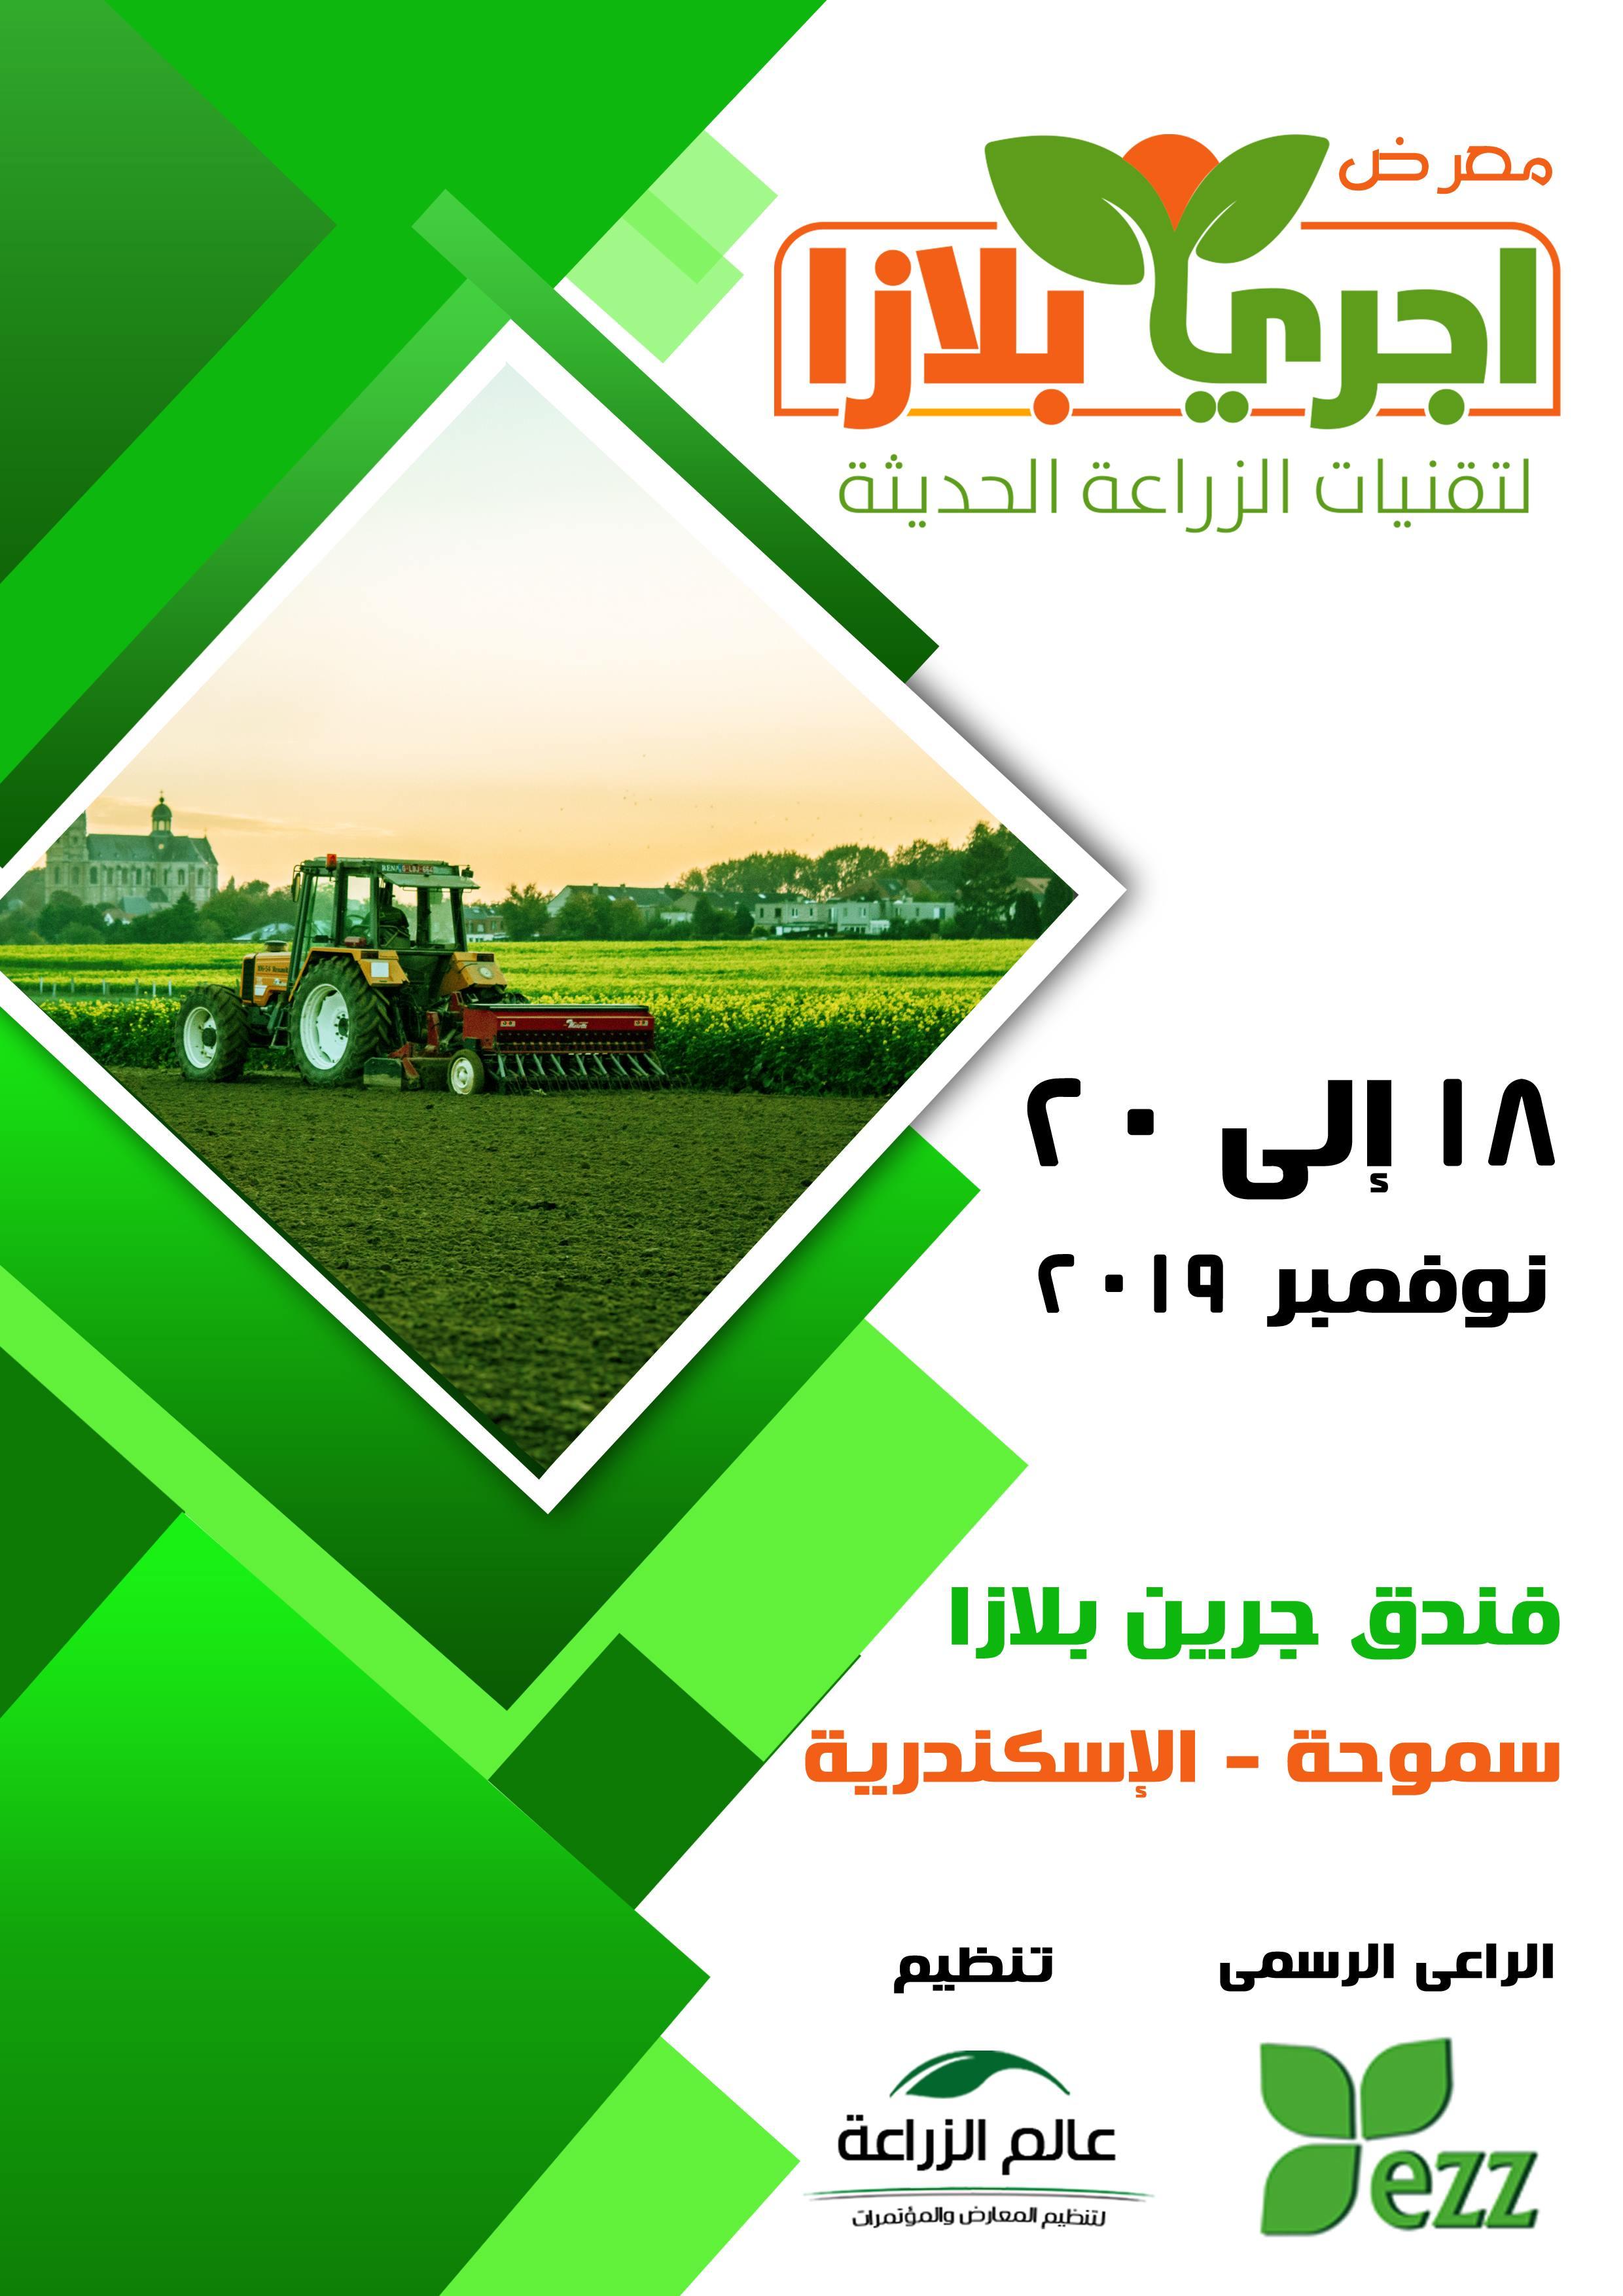 صورة مؤسسة عالم الزراعة تنظم معرض اجري بلازا بالاسكندرية 18 الى 20 نوفمبر